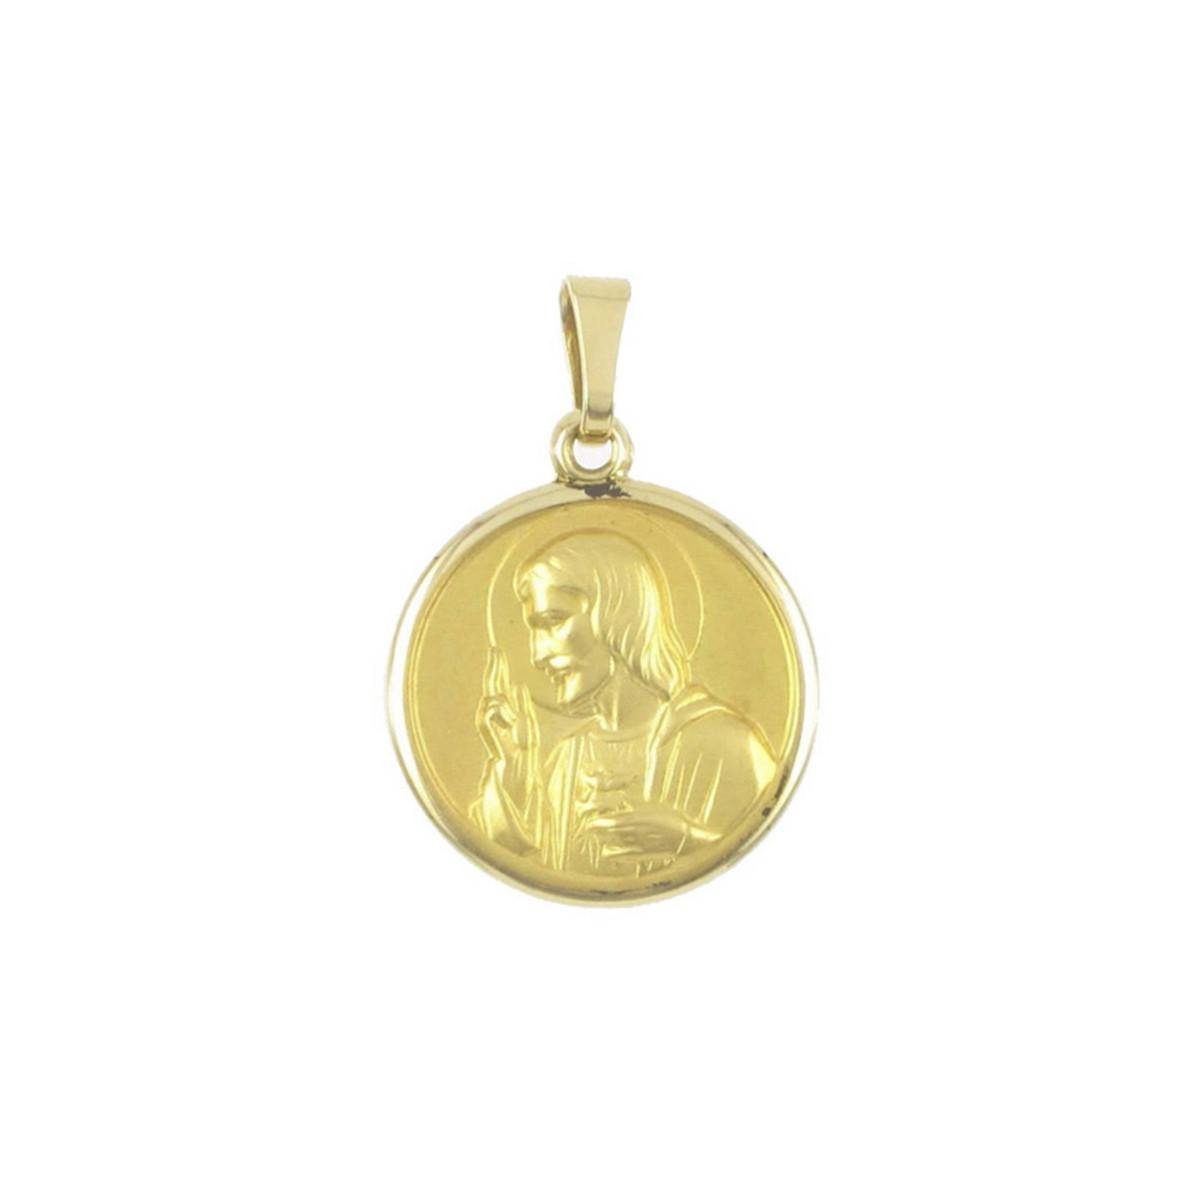 GOLD BEVEL SCAPULAR 20 MM